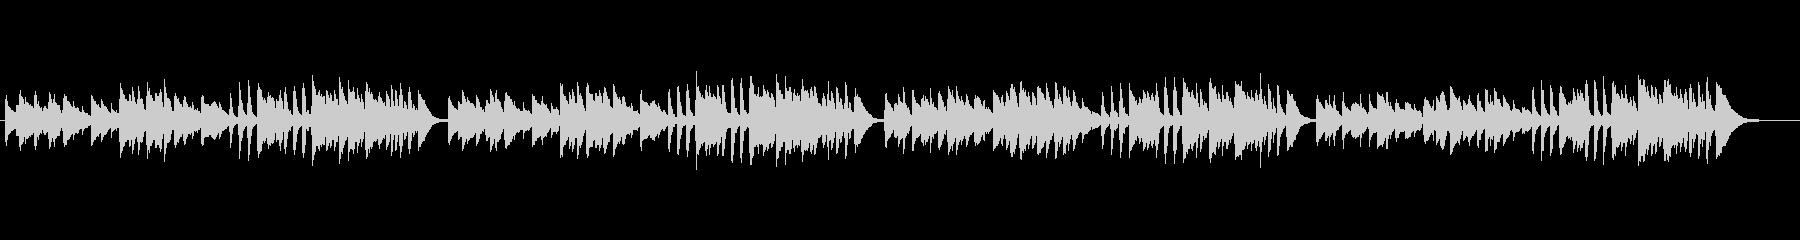 クラシックピアノ、チェルニーNo.8の未再生の波形